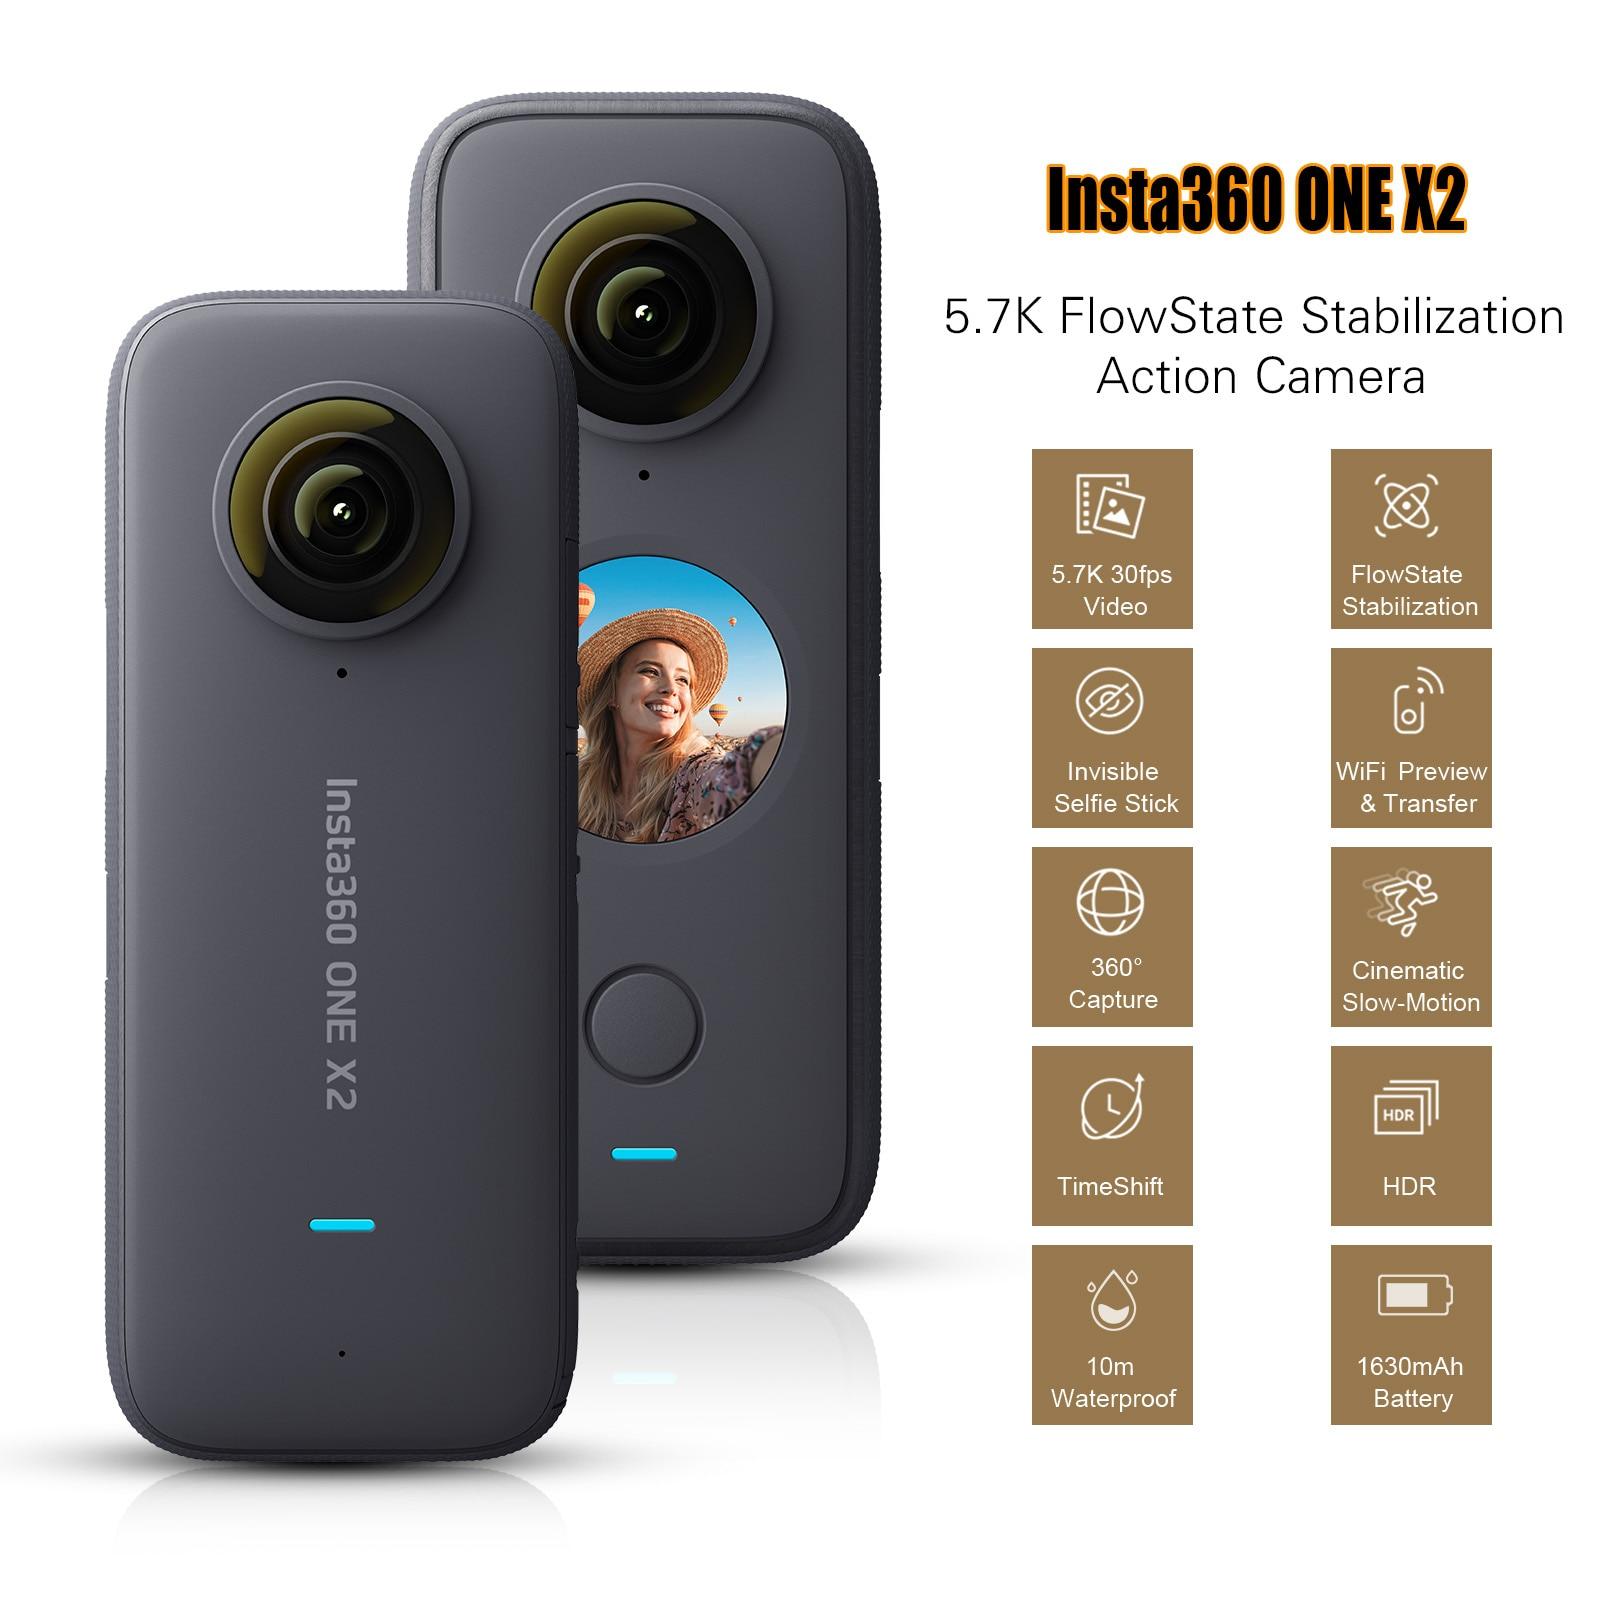 Insta360 ONE X2 панорамная экшн-камера с стабилизацией состояния потока 5,7 K 30fps сенсорный ЖК-экран 10 м корпус водонепроницаемый HDR редактирование п...